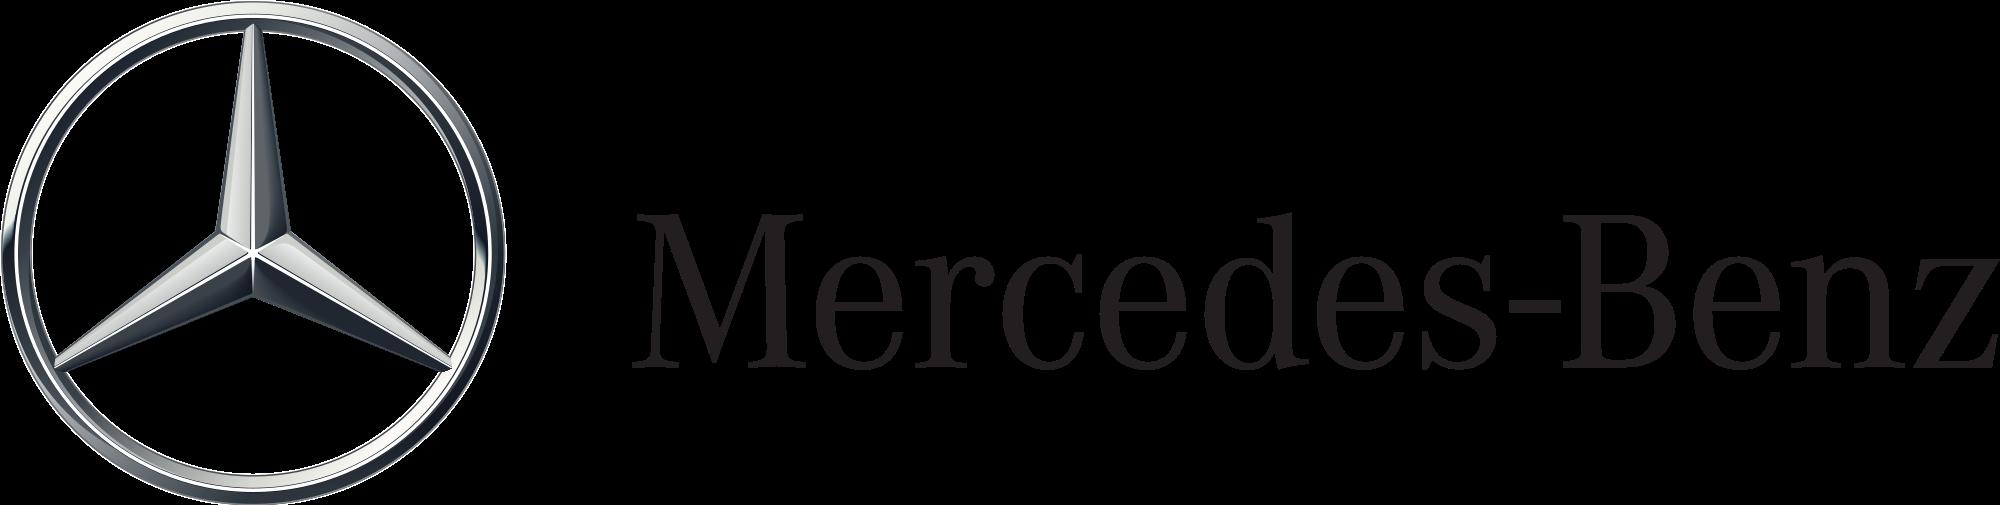 Mercedes benz logo png transparent mercedes benz logo png for Mercedes benz logo png